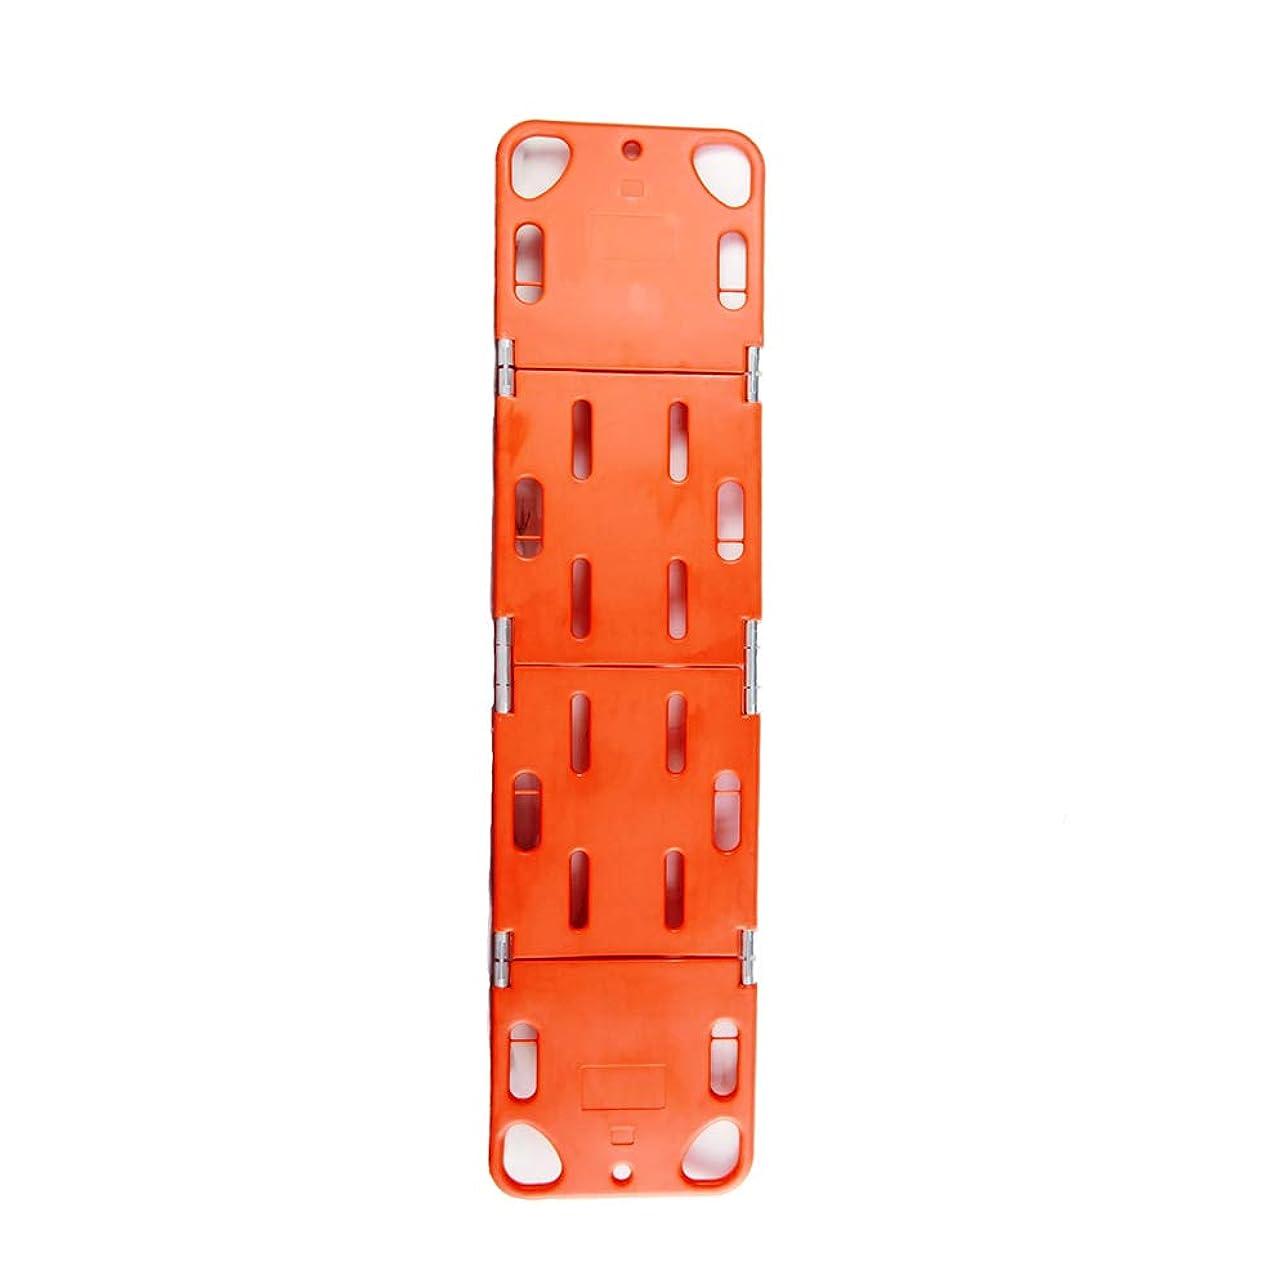 コンプリートバンケットリスナー4つの折る救助の伸張器、ヘッドベッドが付いている背板背骨板伸張器の固定